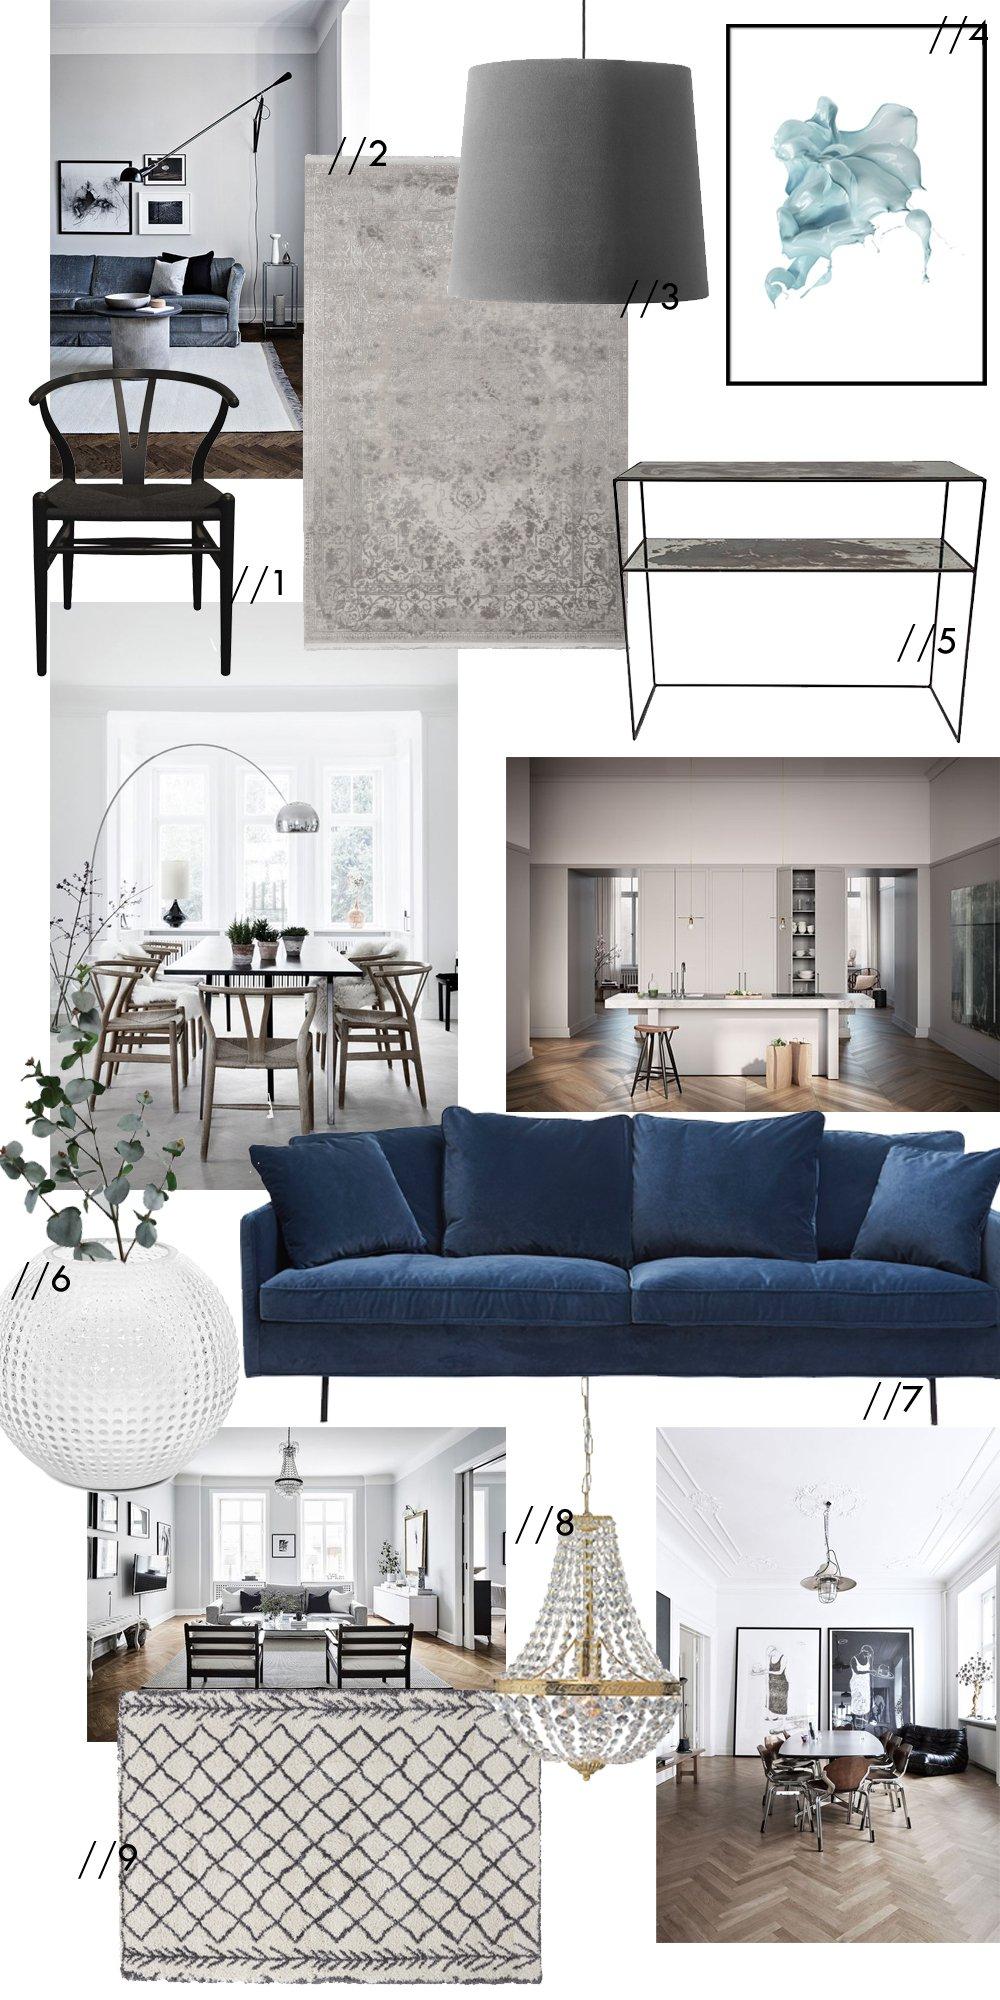 10-boligønsker-overdye-tæppe-konsolbord-antik-spejl-y-stol-lysekrone-ellos-swanfield-living